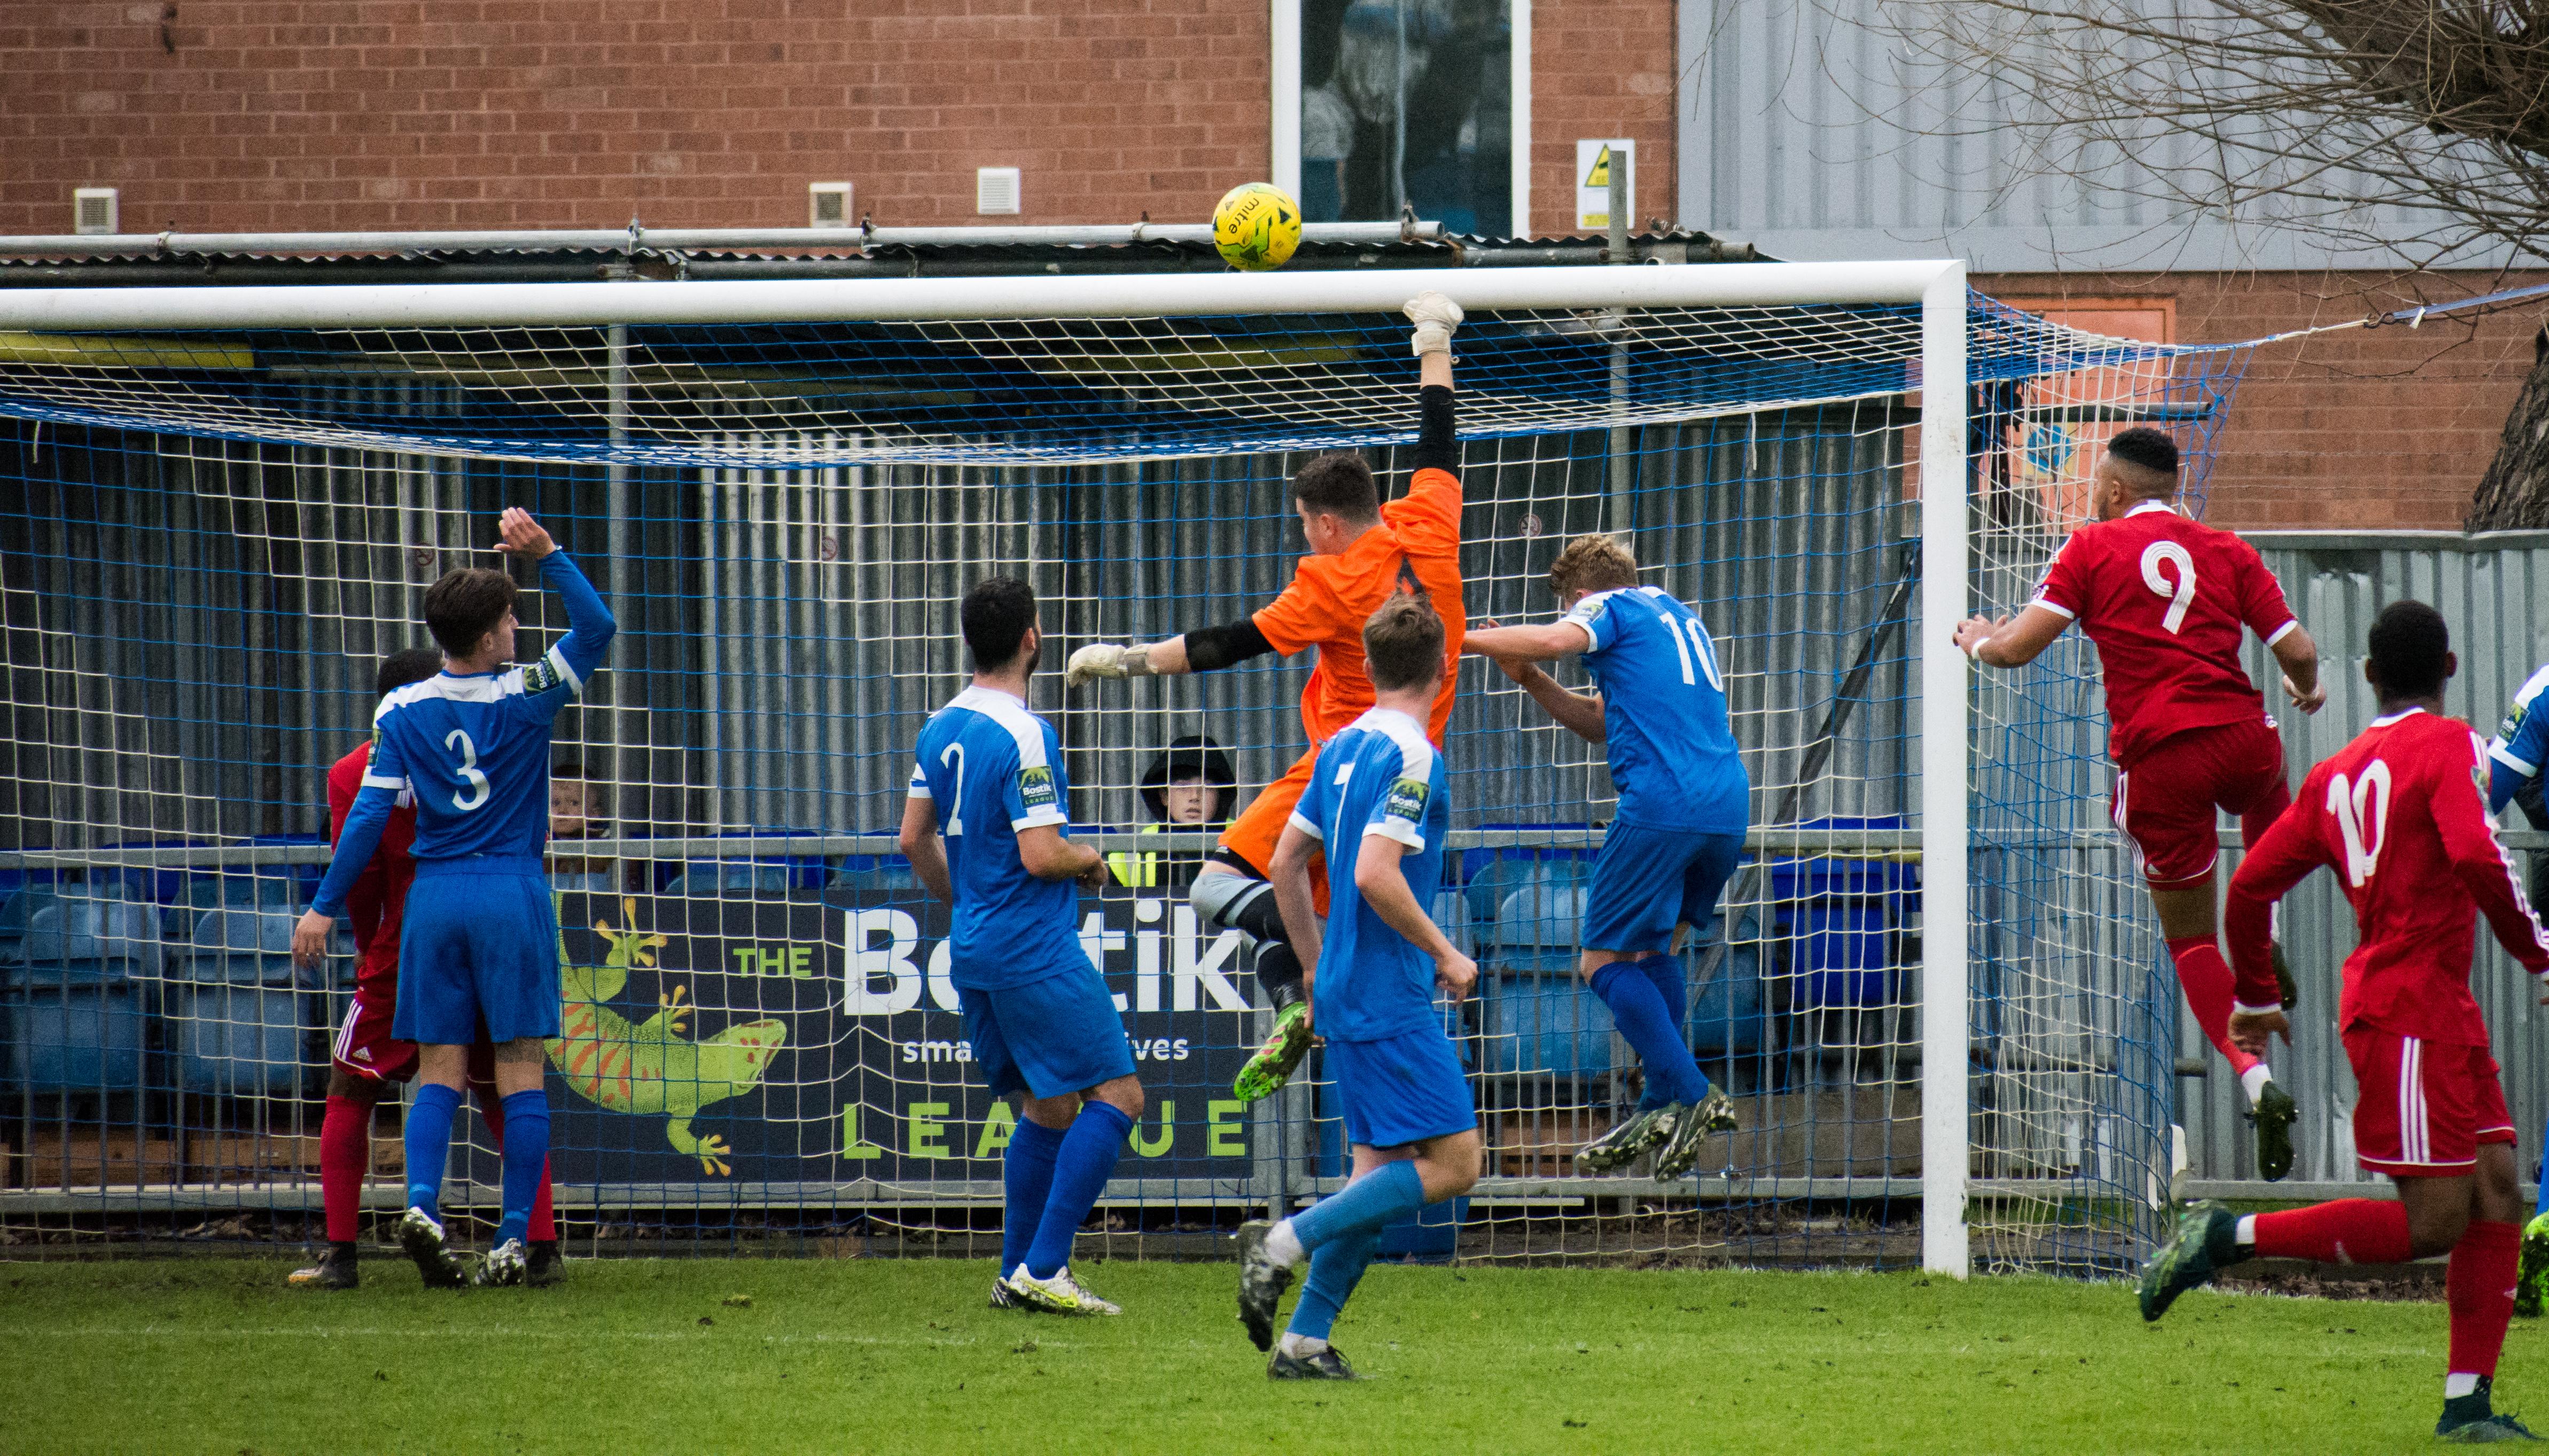 Shoreham FC vs Hythe Town 11.11.17 41